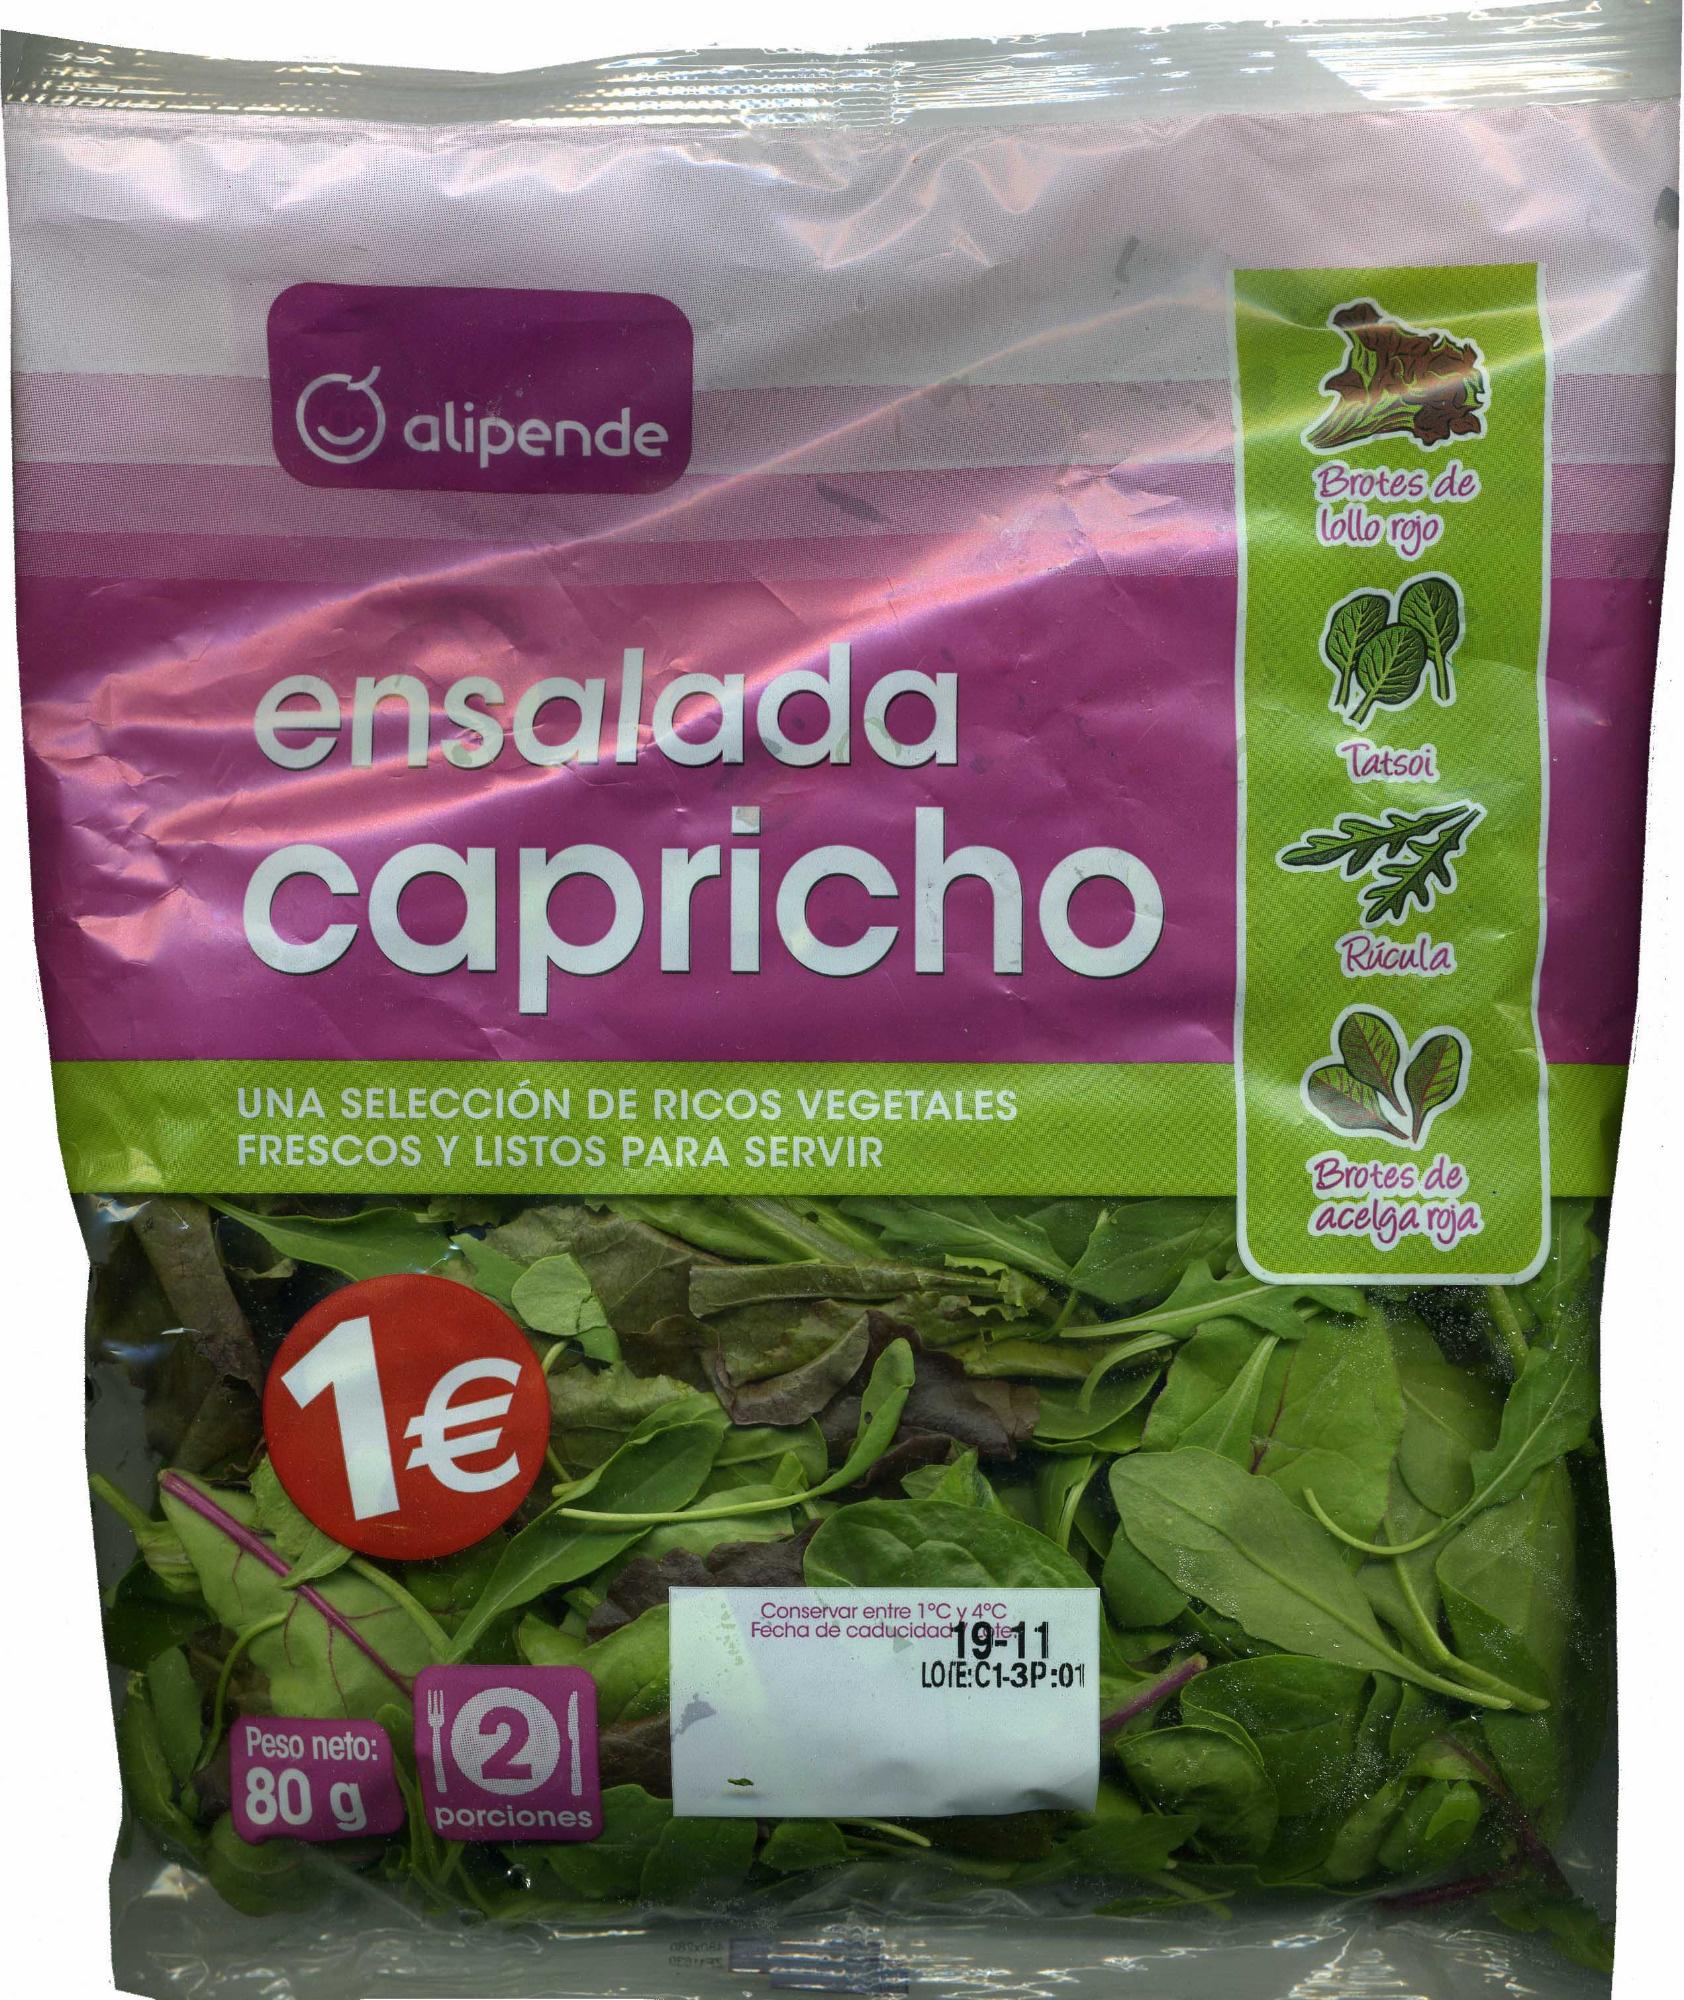 Ensalada capricho - Product - es